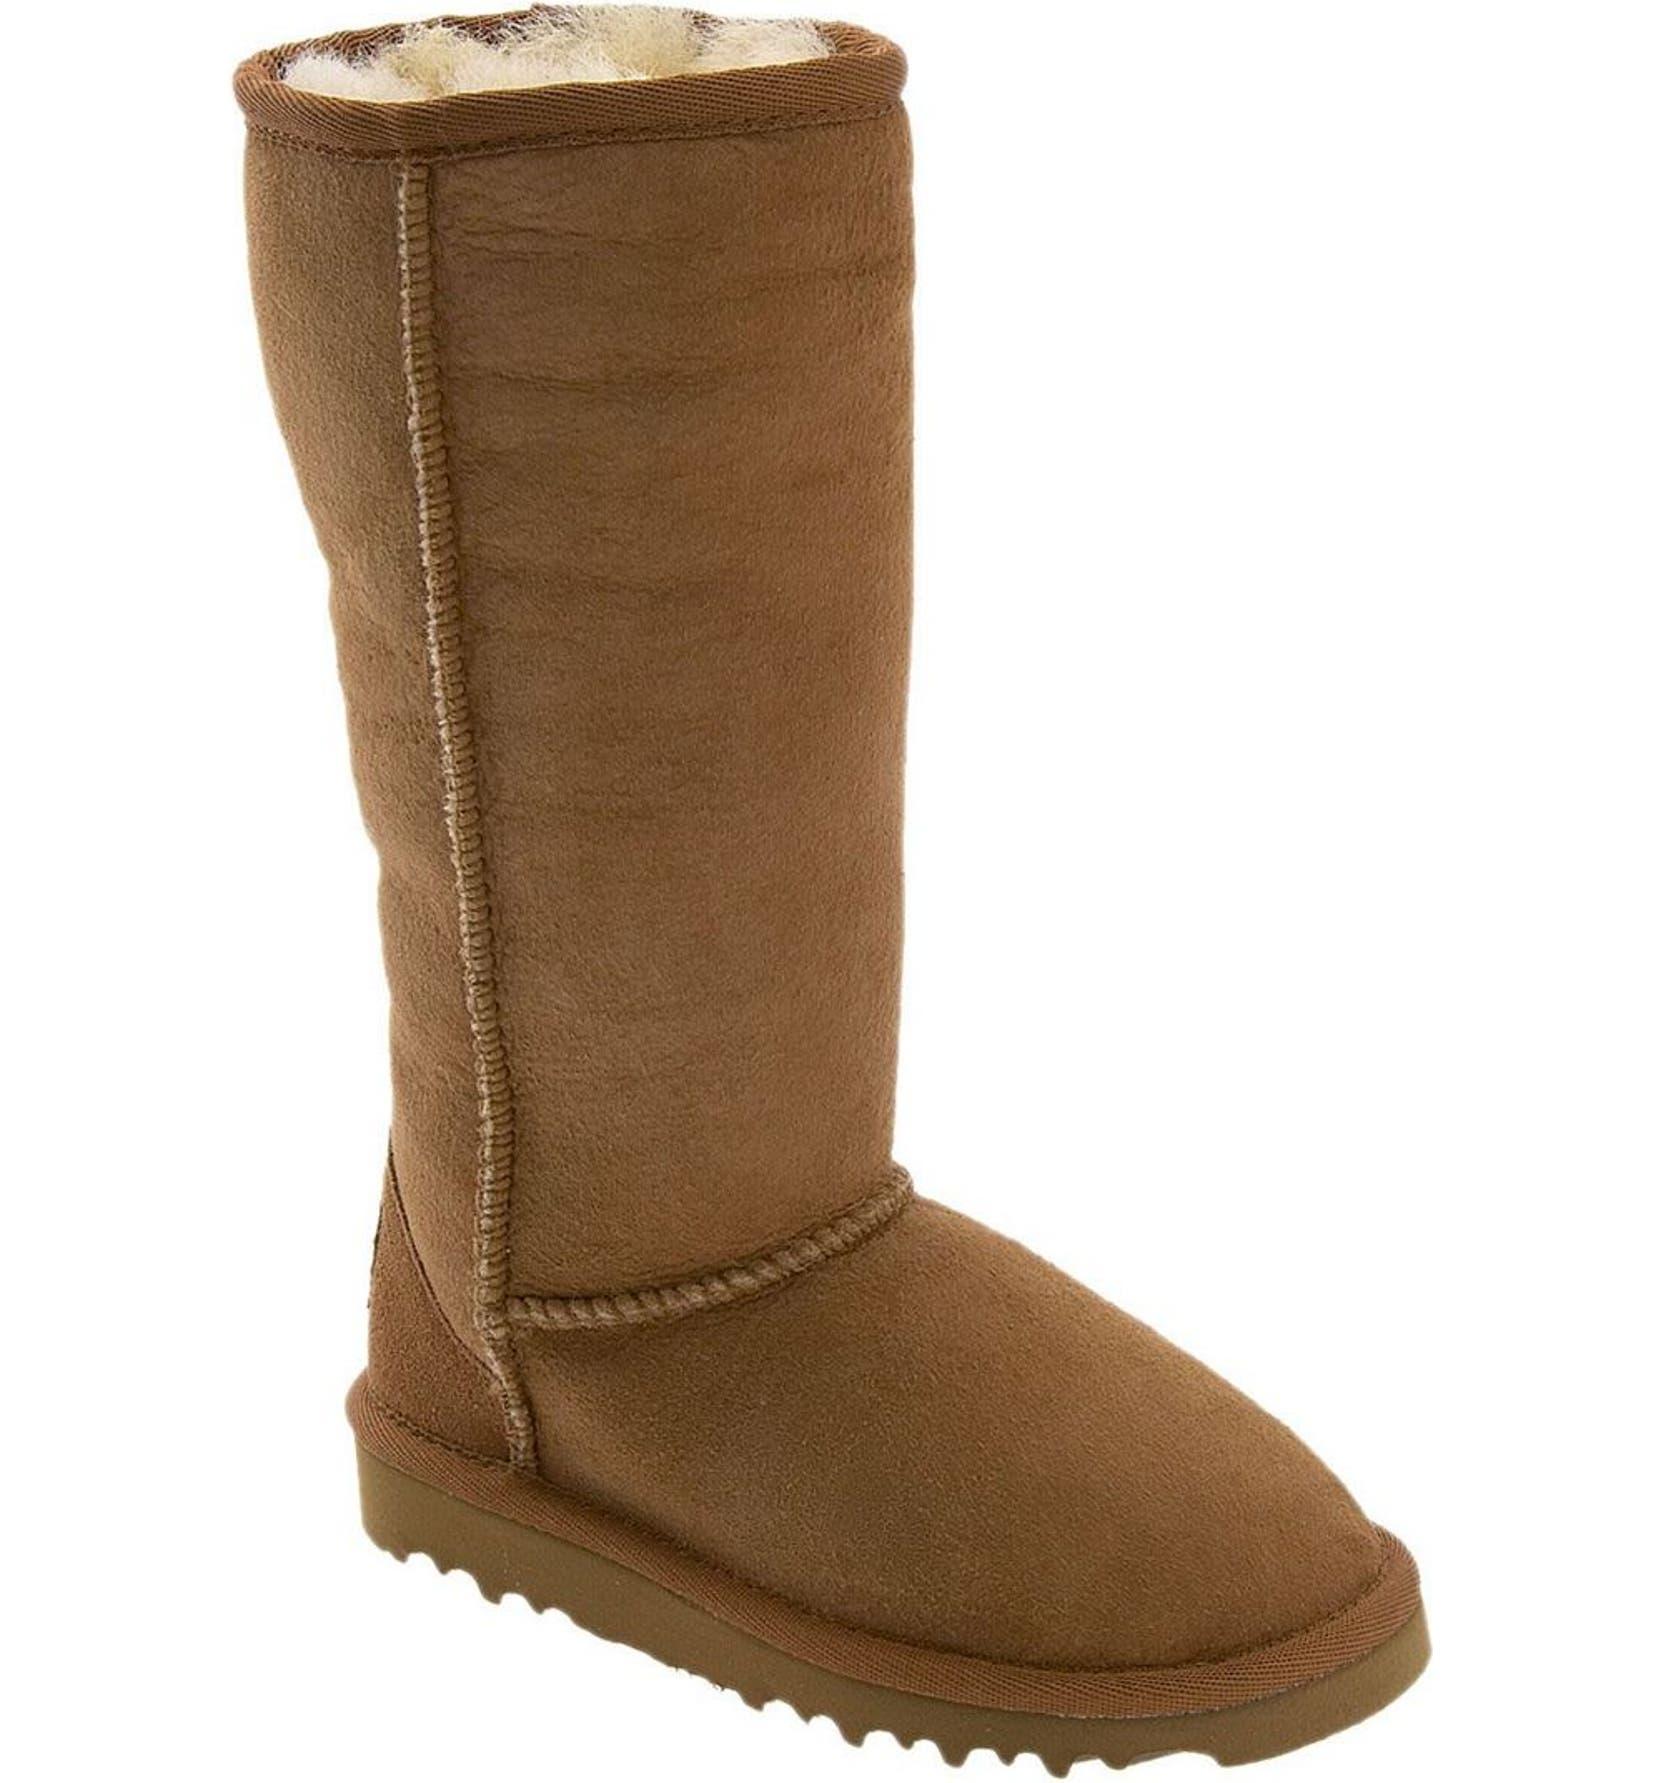 331fde1f6f4 Classic Tall Boot